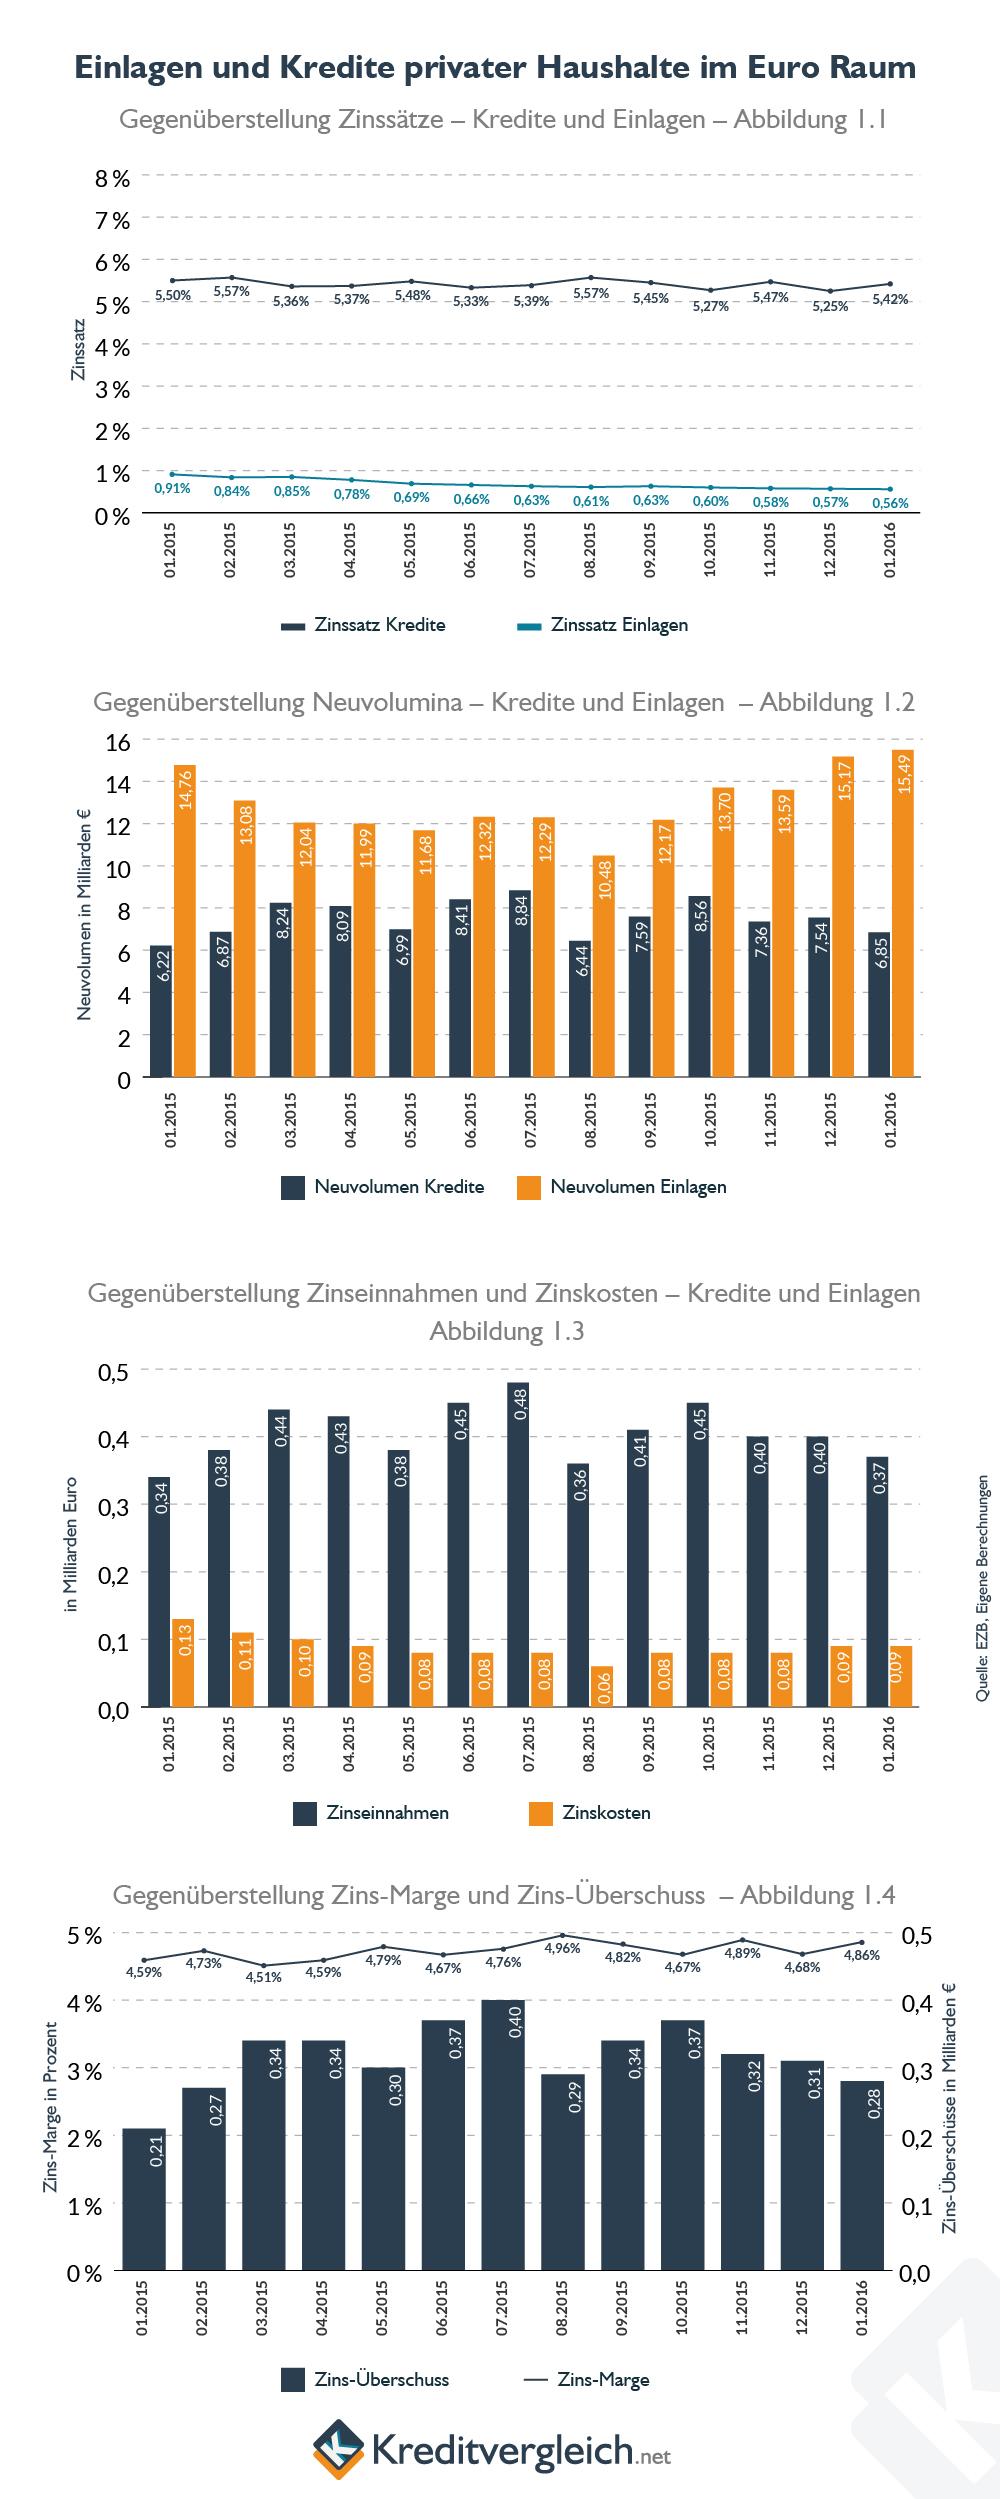 Infografik zu den Einlagen und Krediten der privaten Haushalte in Europa